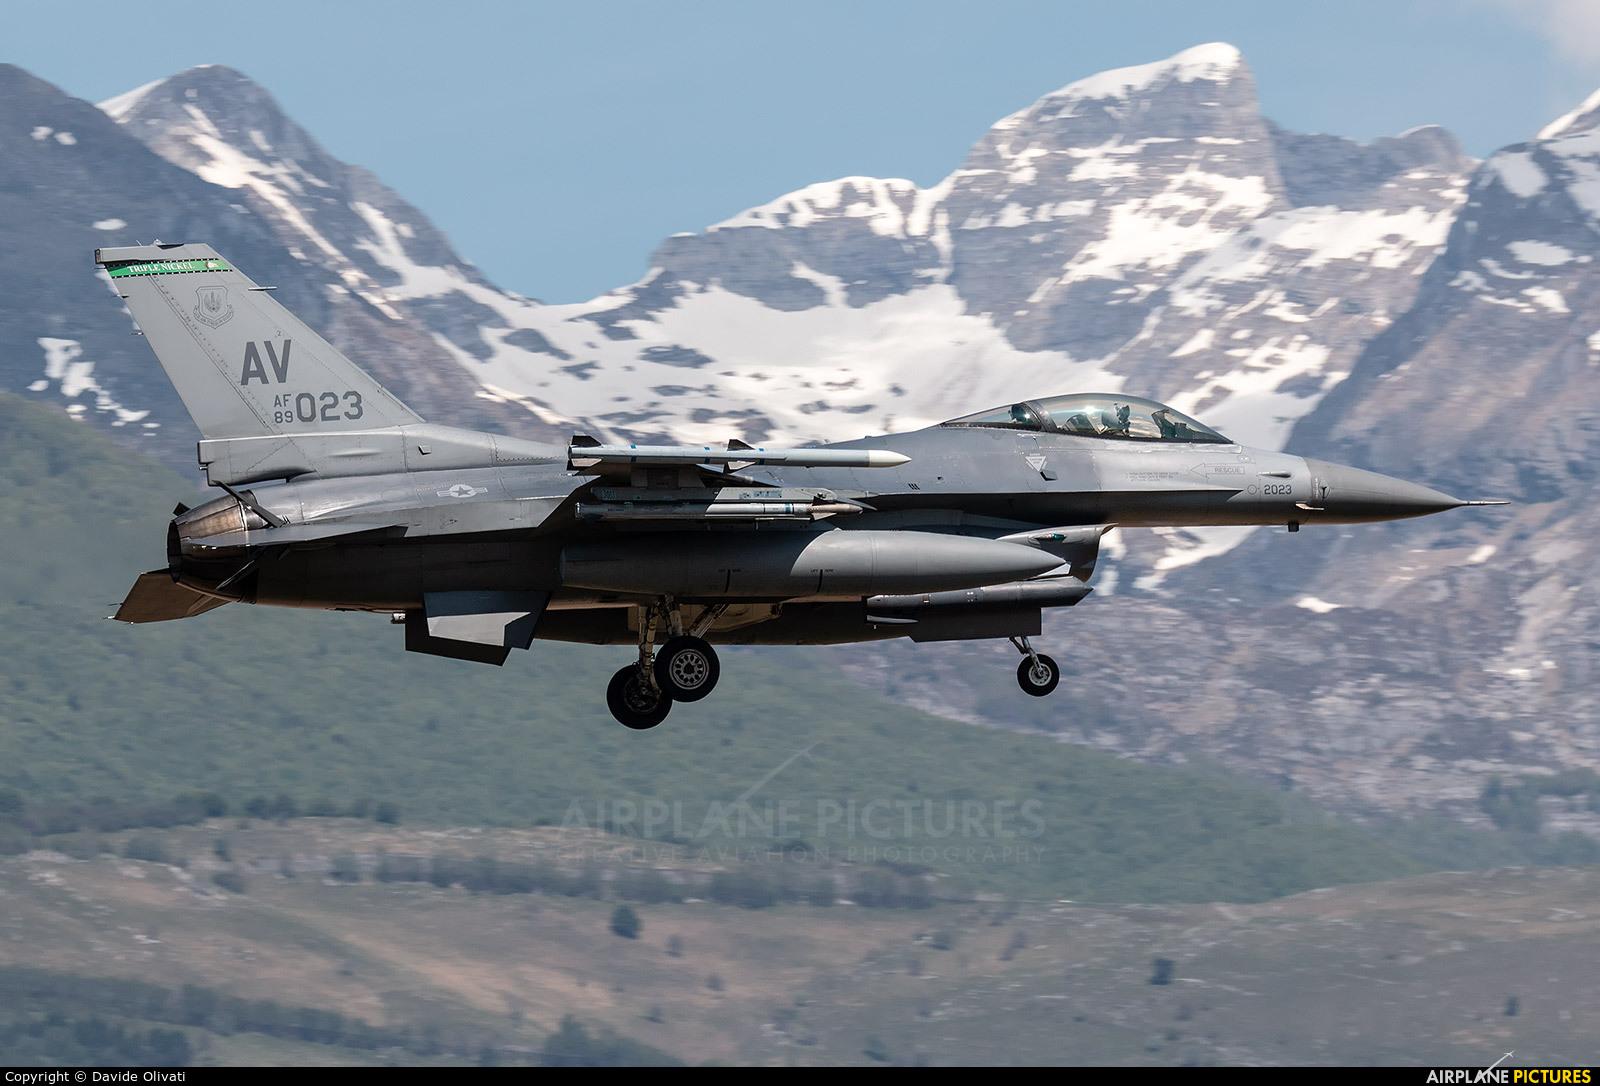 USA - Air Force 89-2023 aircraft at Aviano